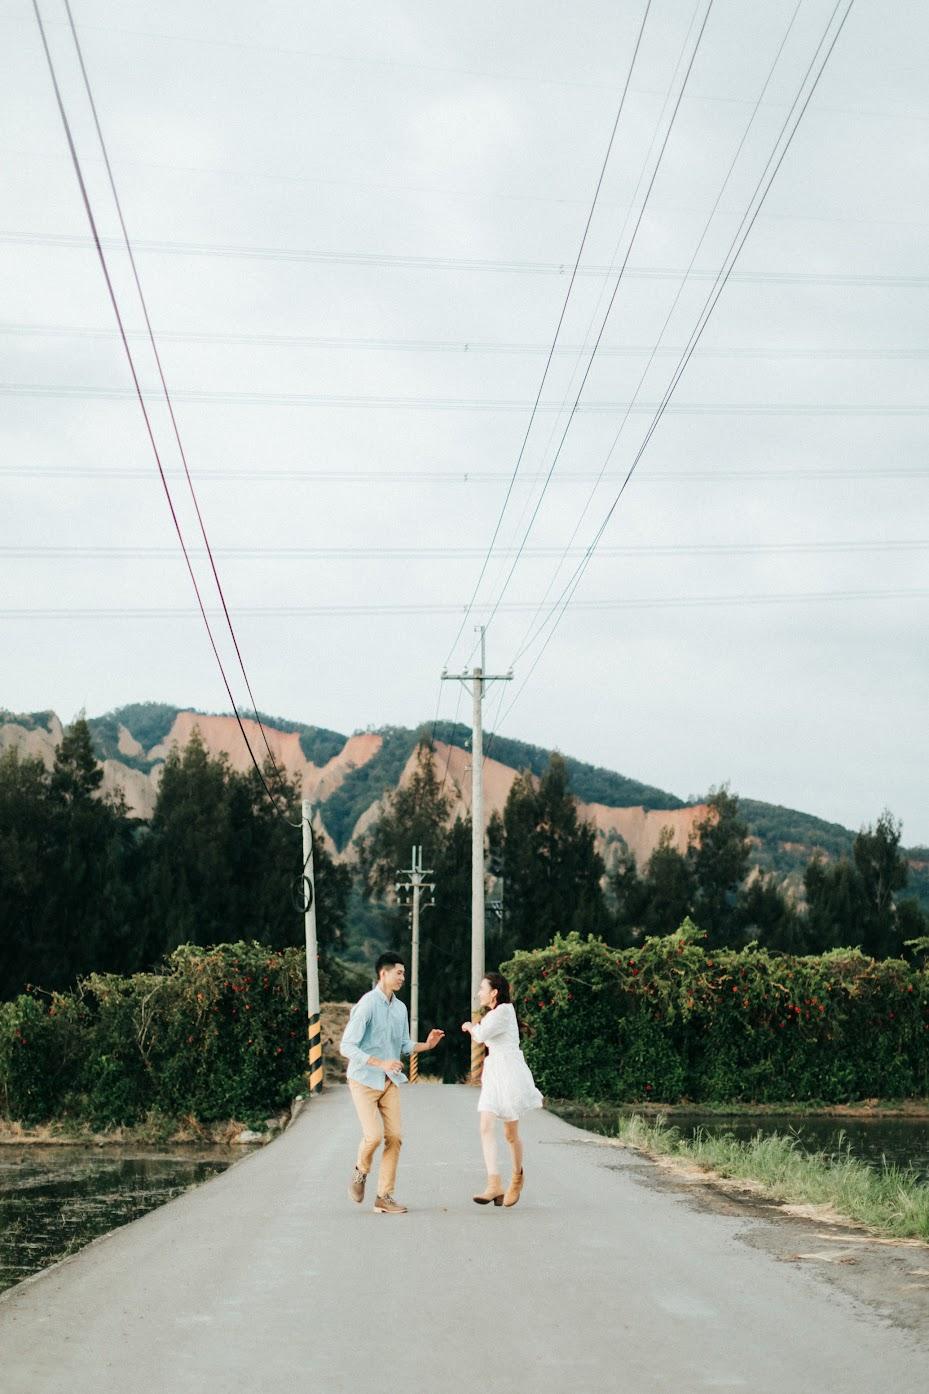 AG美式婚紗 | Zehung + Grace Engagement | fine art美式逐光婚紗 AG美式婚紗 / fine art 婚紗 / 美式婚紗婚禮 / 時裝照 , 去年夏季,我們為Zehung & Grace拍攝了這組 藝術 時裝 婚紗 ,他們走在七期的街頭,而我嘗試拍攝AG鮮少出現的高冷風格,一切相當順利。這是一次非常深刻的 AG 藝術 時裝婚紗 拍攝經驗,午後我們前往遼闊的大峽谷,為他們拍攝AG專屬的 逐光 美式 婚紗。